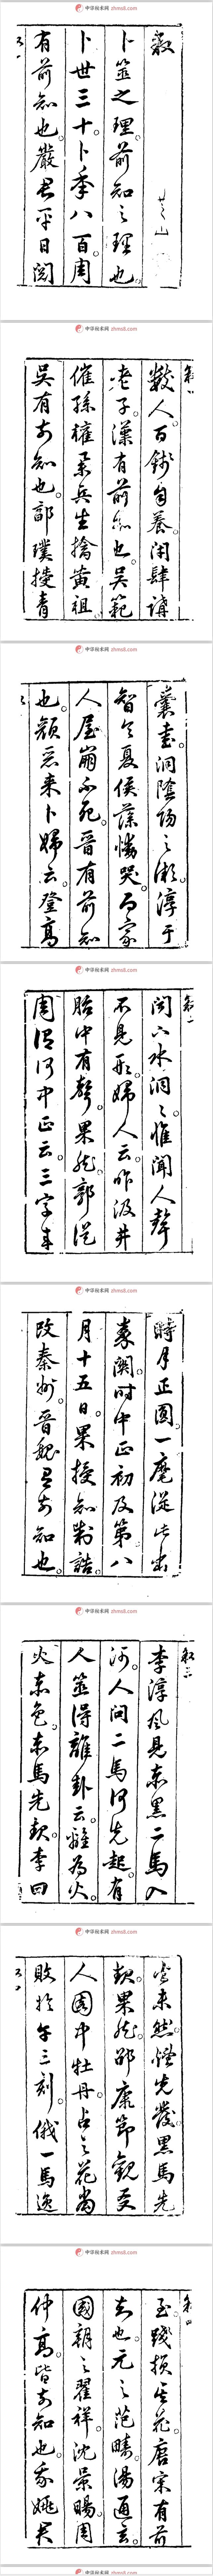 【术藏】第1卷《卜筮全书》古本刘伯温著,[明]姚际隆删补版!